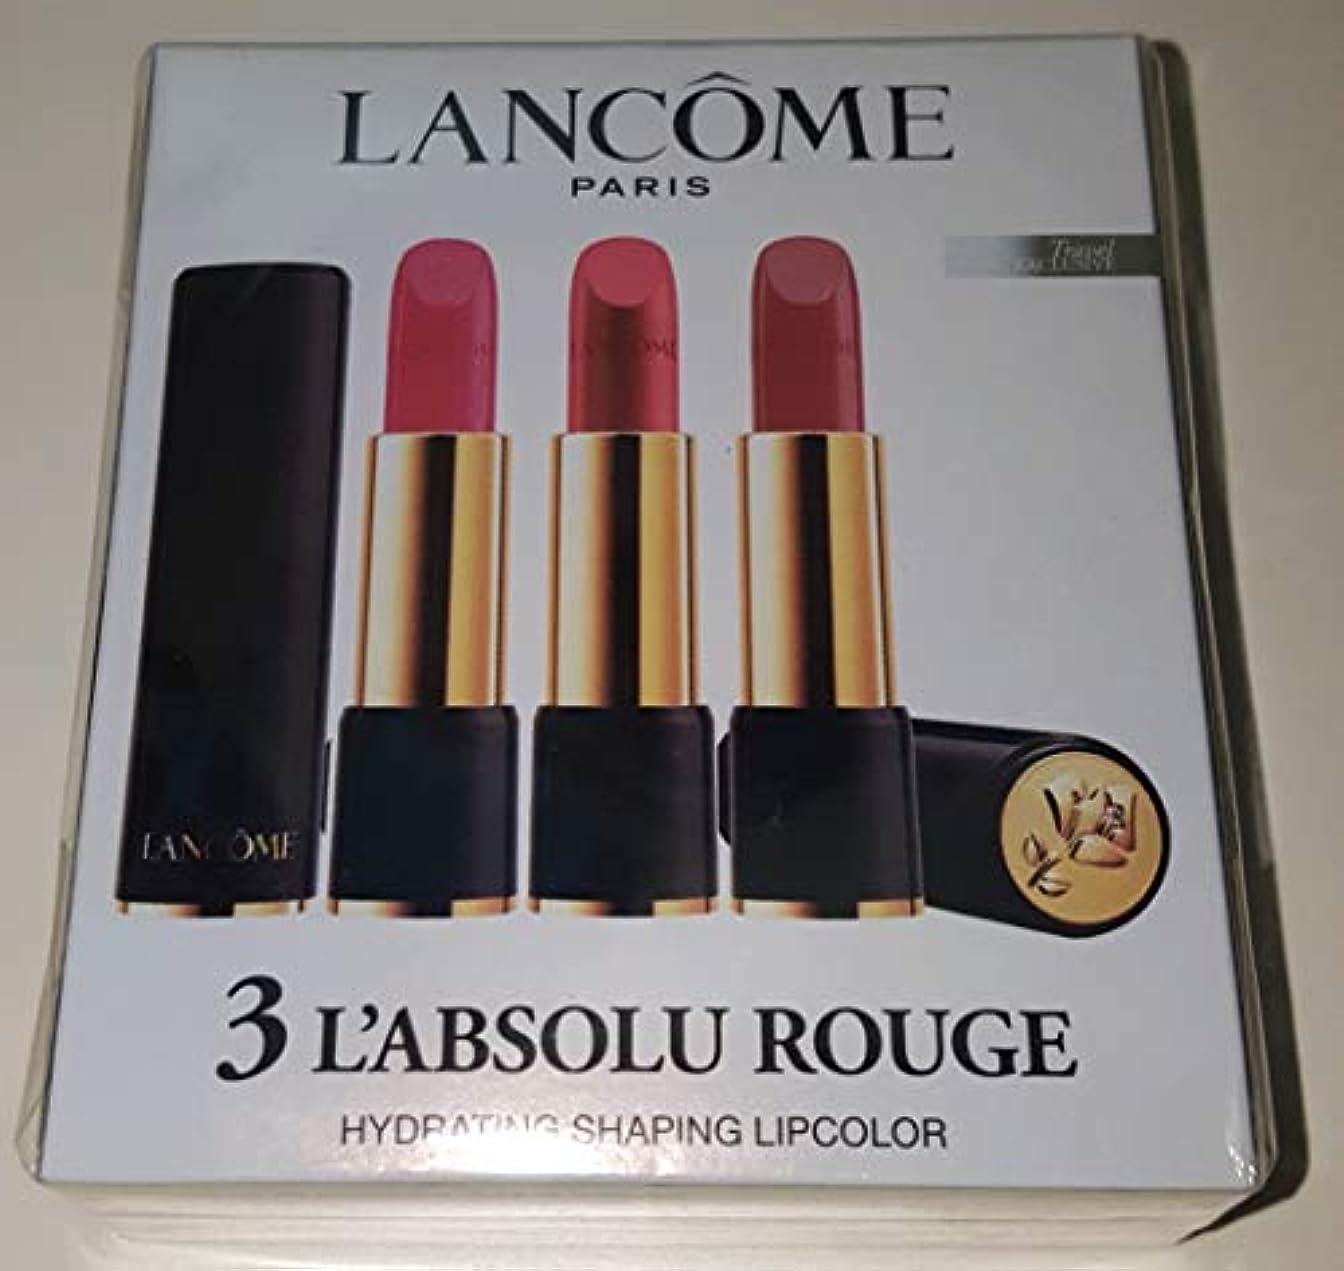 名誉ある矛盾する件名LANCOME ランコム 3 L'ABSOLU ROUGE 口紅 3本 セット